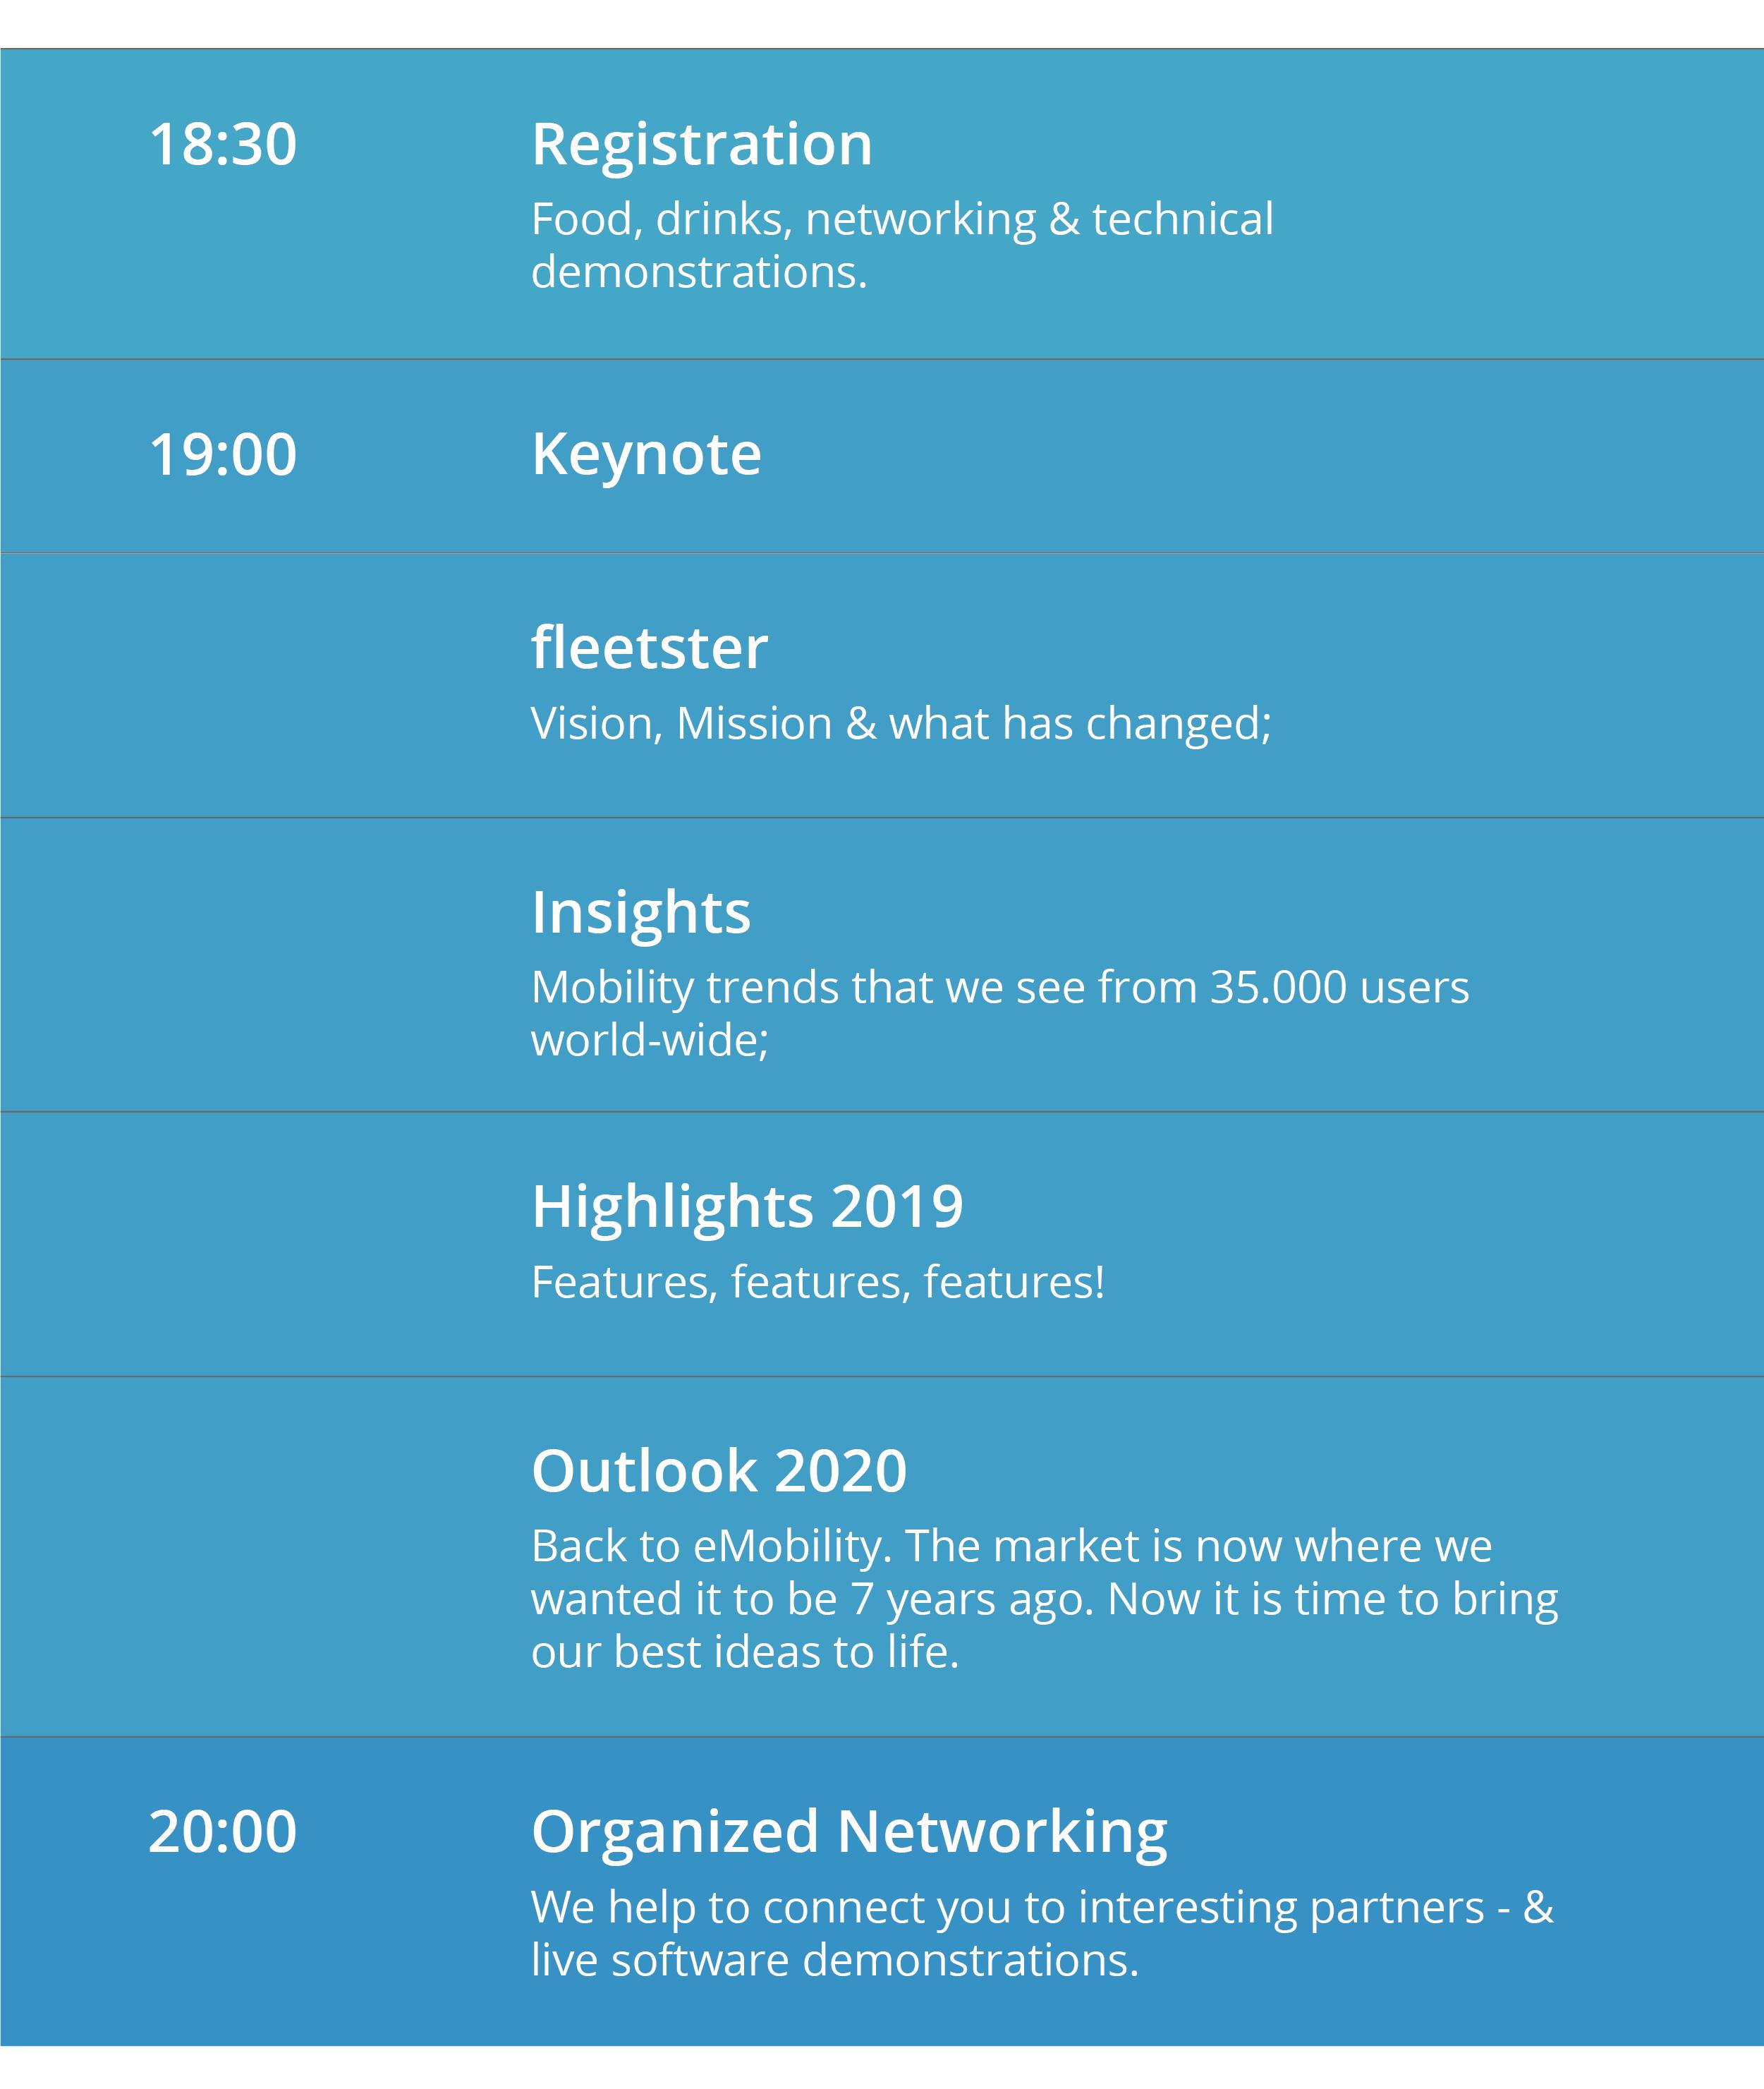 Agenda fleetster Realoded 2019